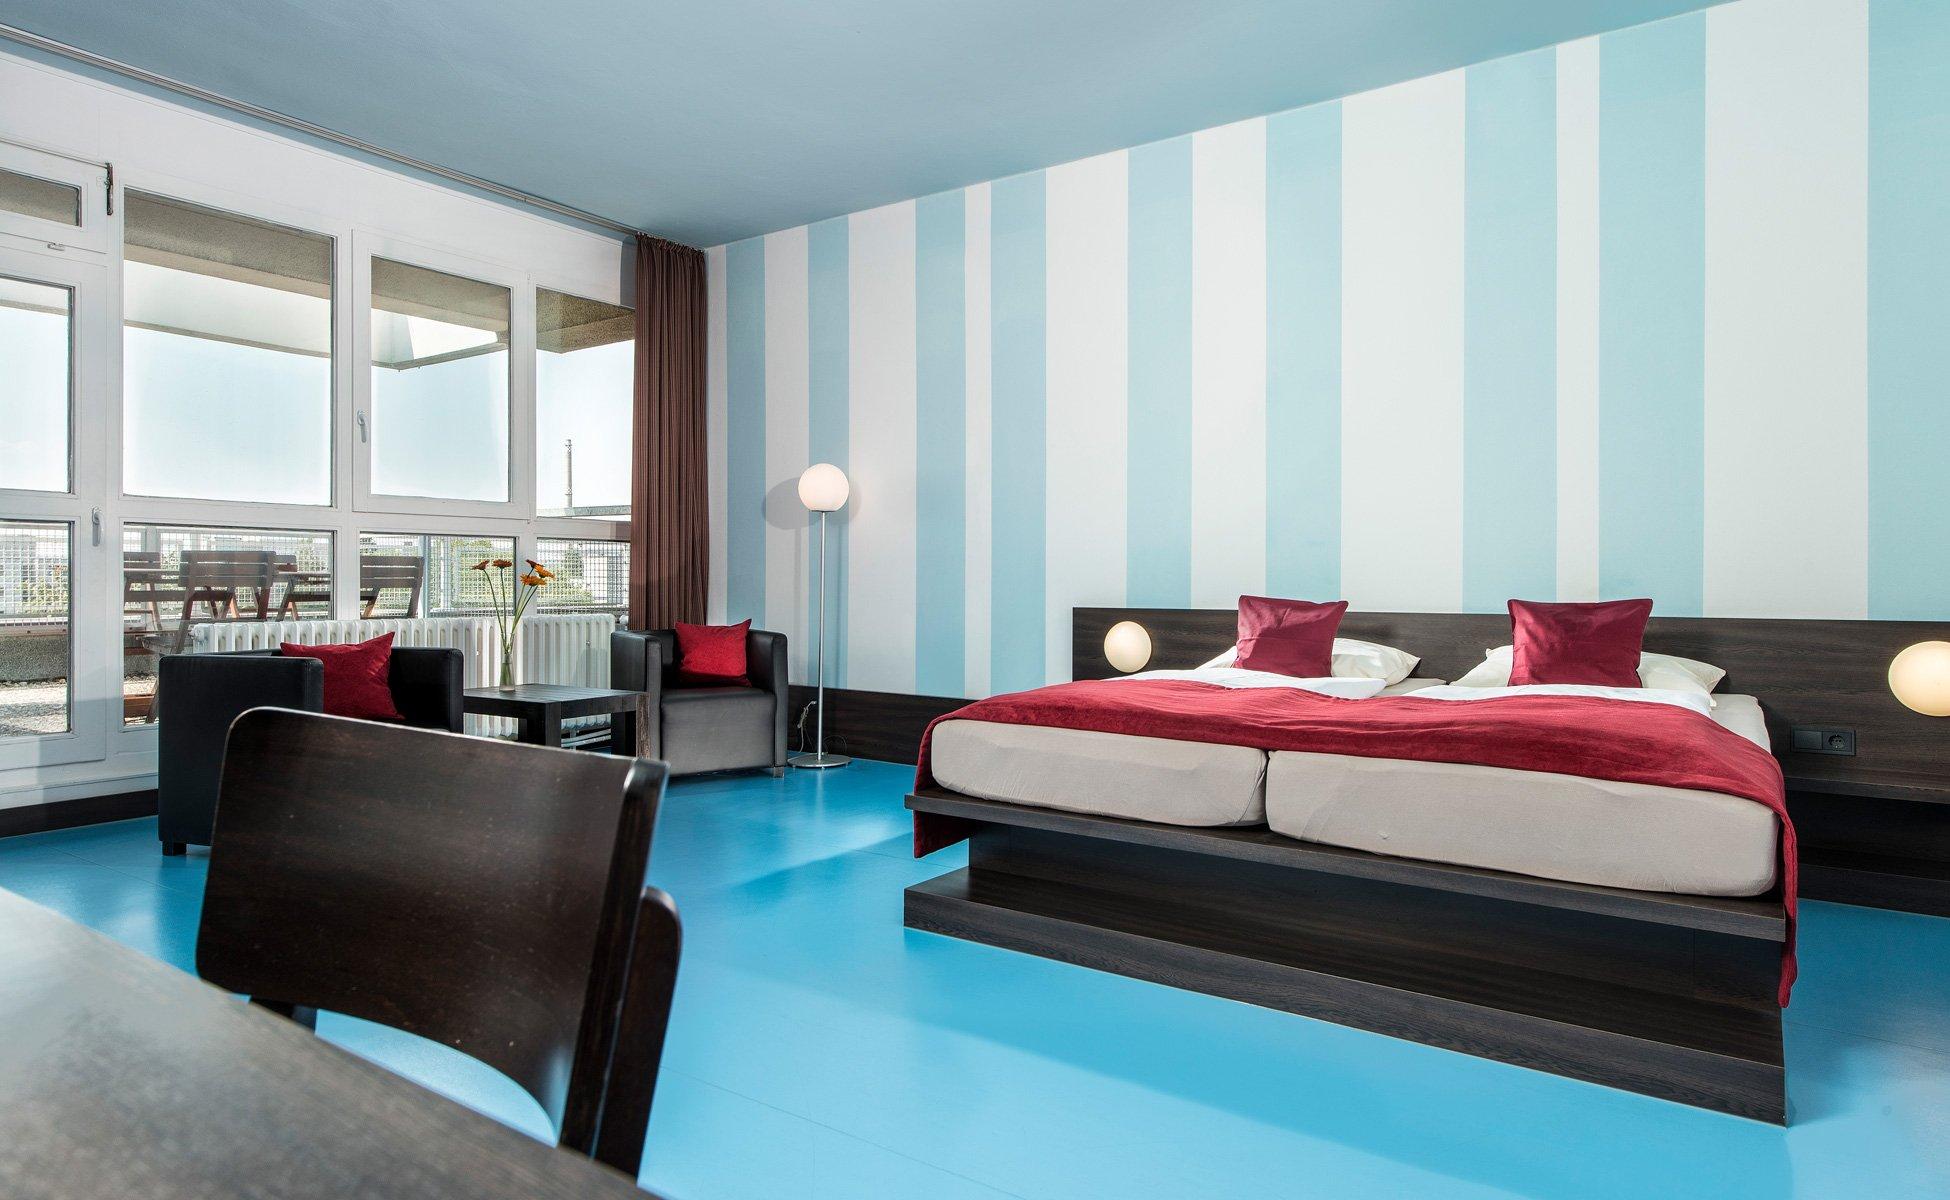 Hotel-Grenzfall Apartment Gesamtansicht